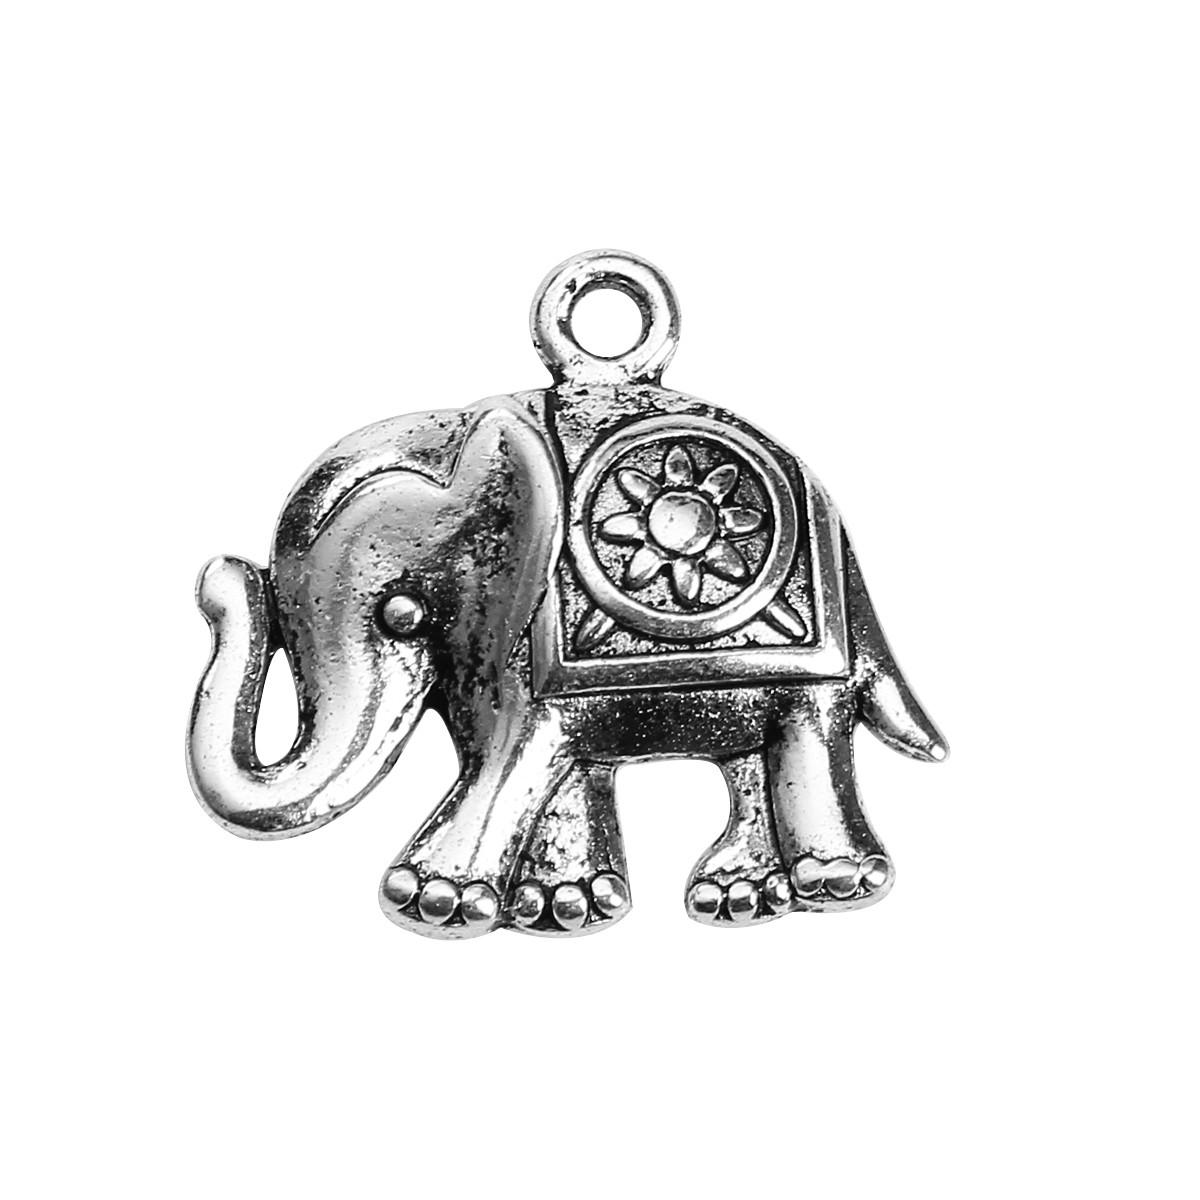 Подвеска, Цинковый сплав, Слон, Античное серебро, 24 мм x 22 мм